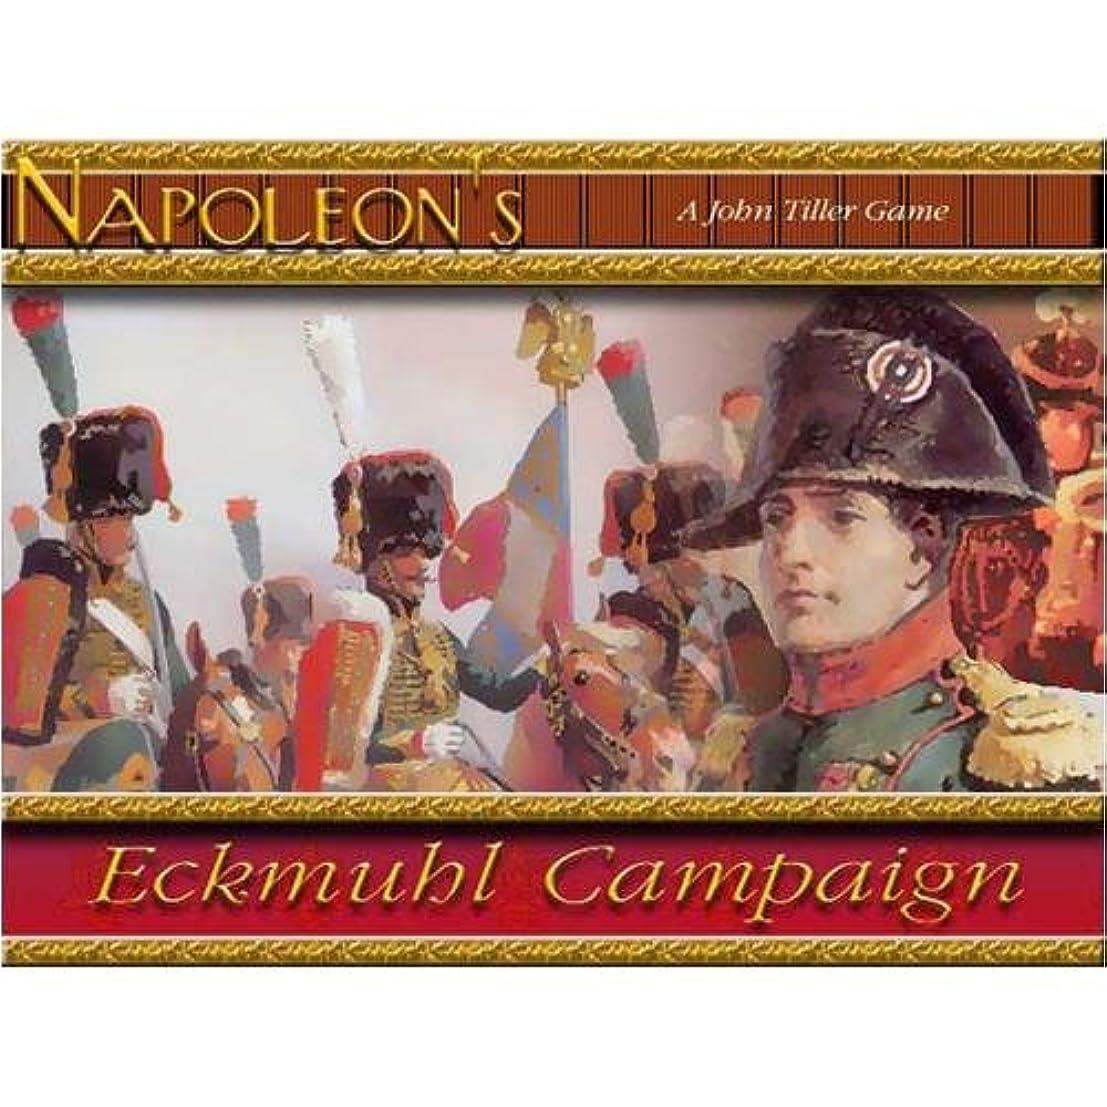 慢性的実業家変更Napoleonic Wars: Campaign Eckmuhl (輸入版)